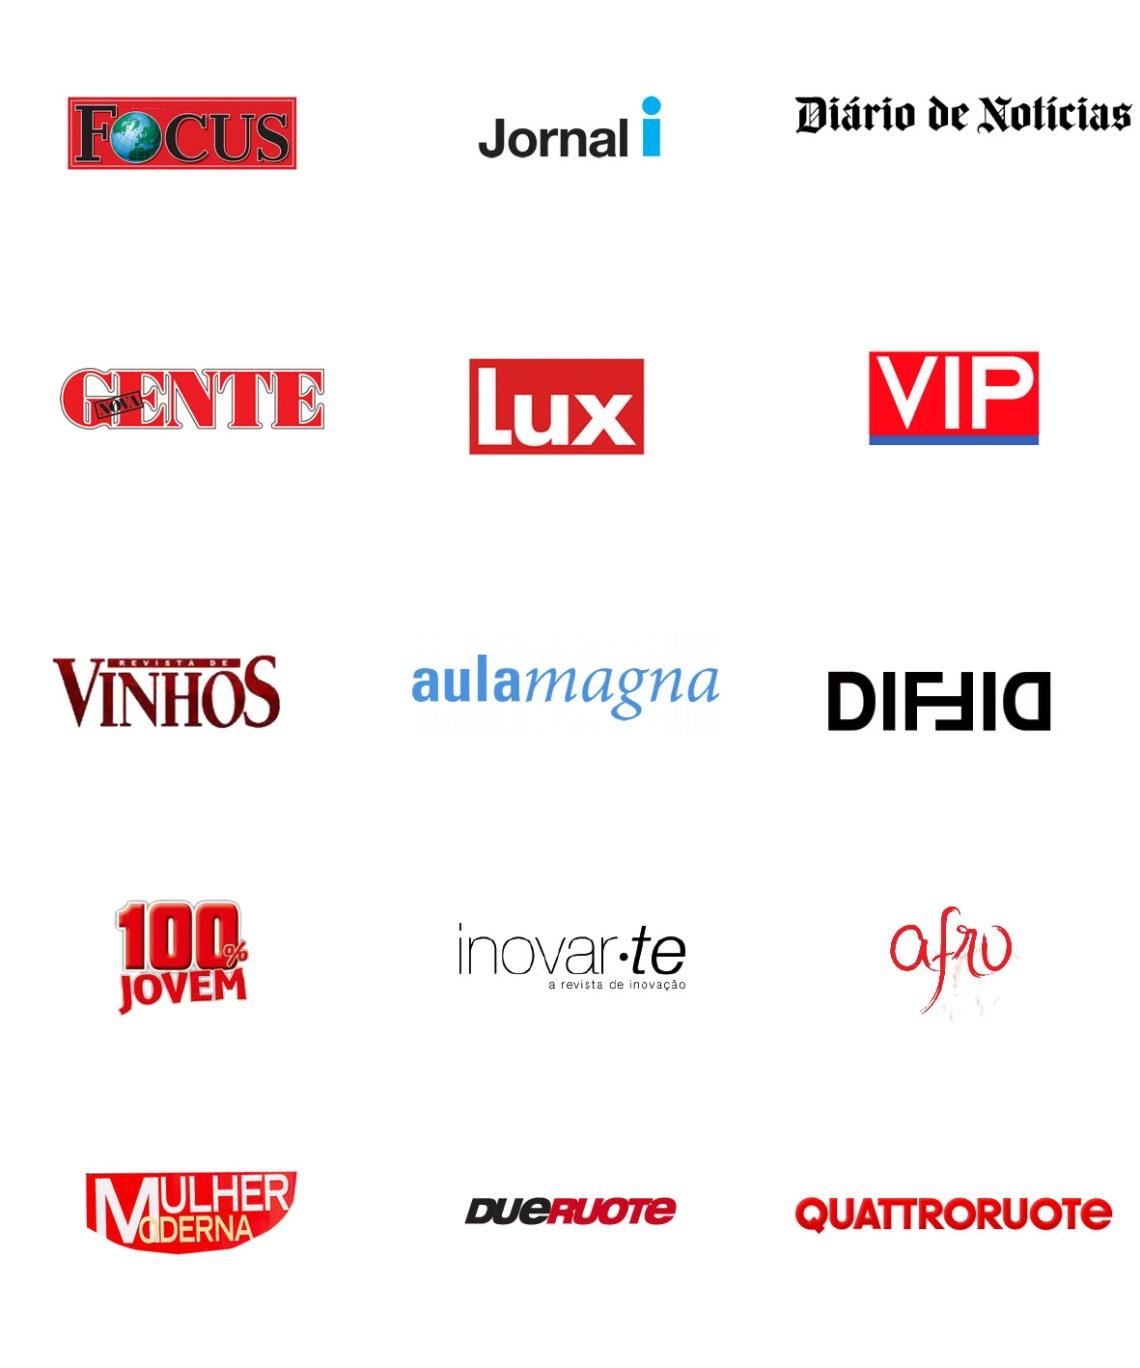 logos revistas juntos